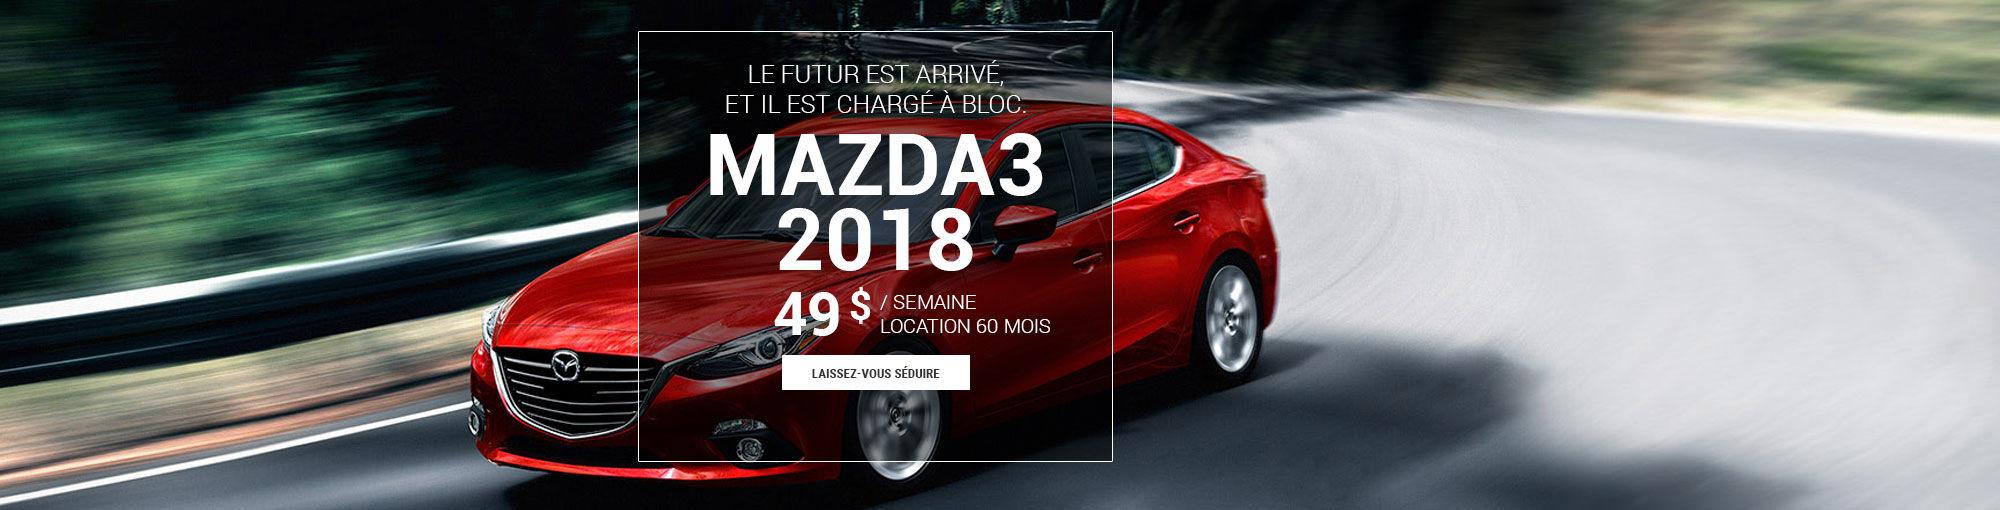 Mazda3 2018 - mars